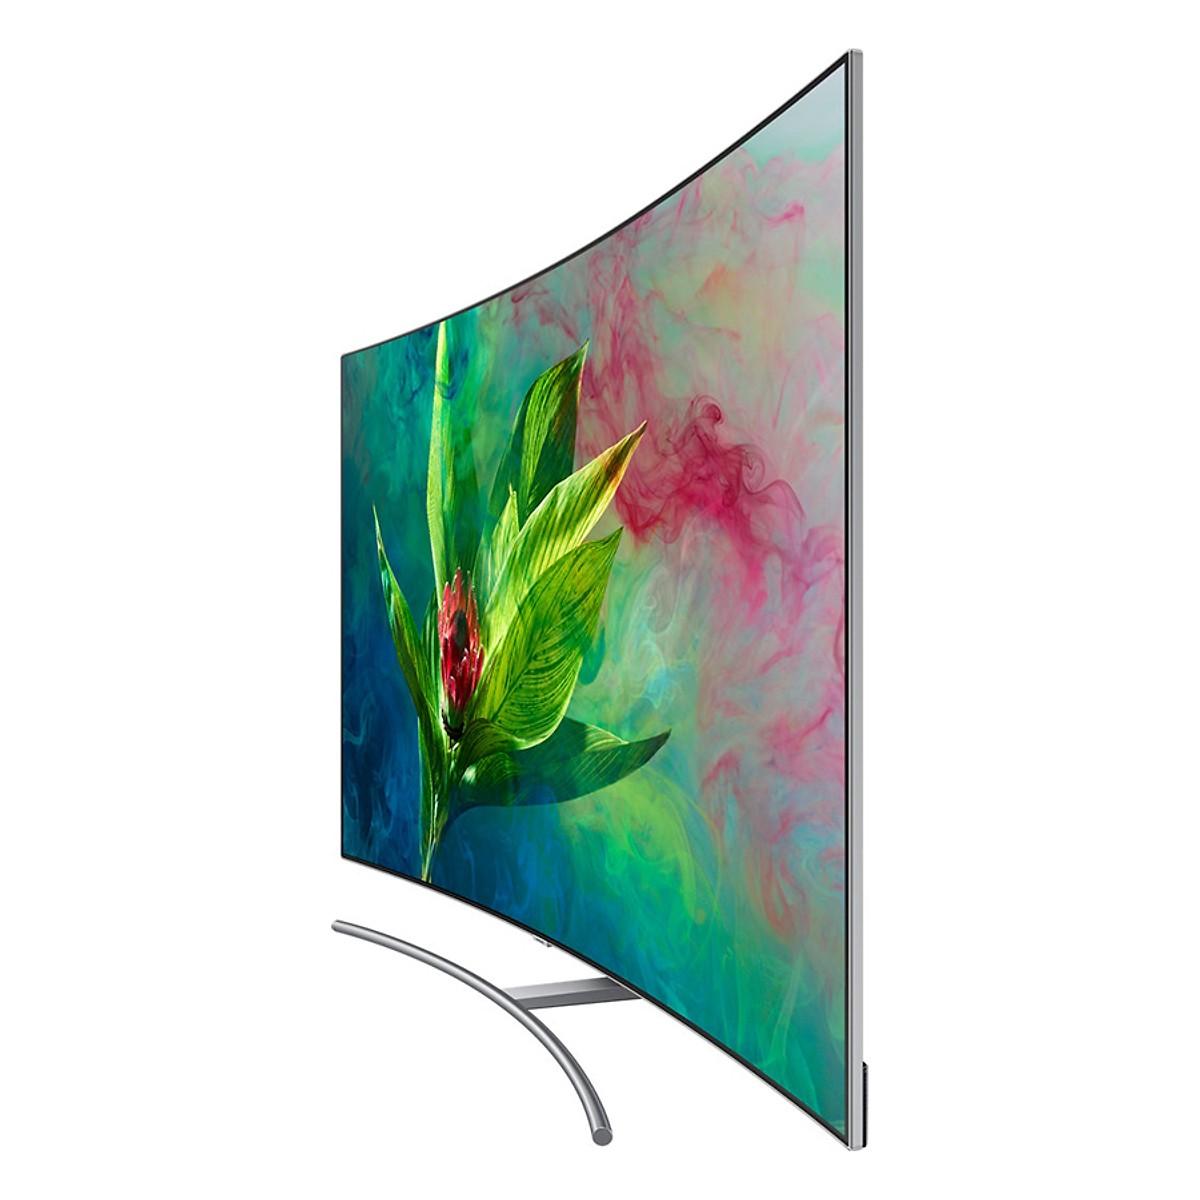 Smart Tivi Màn Hình Cong Samsung 65 inch QLED 4K QA65Q8CNAKXXV - Hàng Chính Hãng + Tặng Khung Treo Cố Định